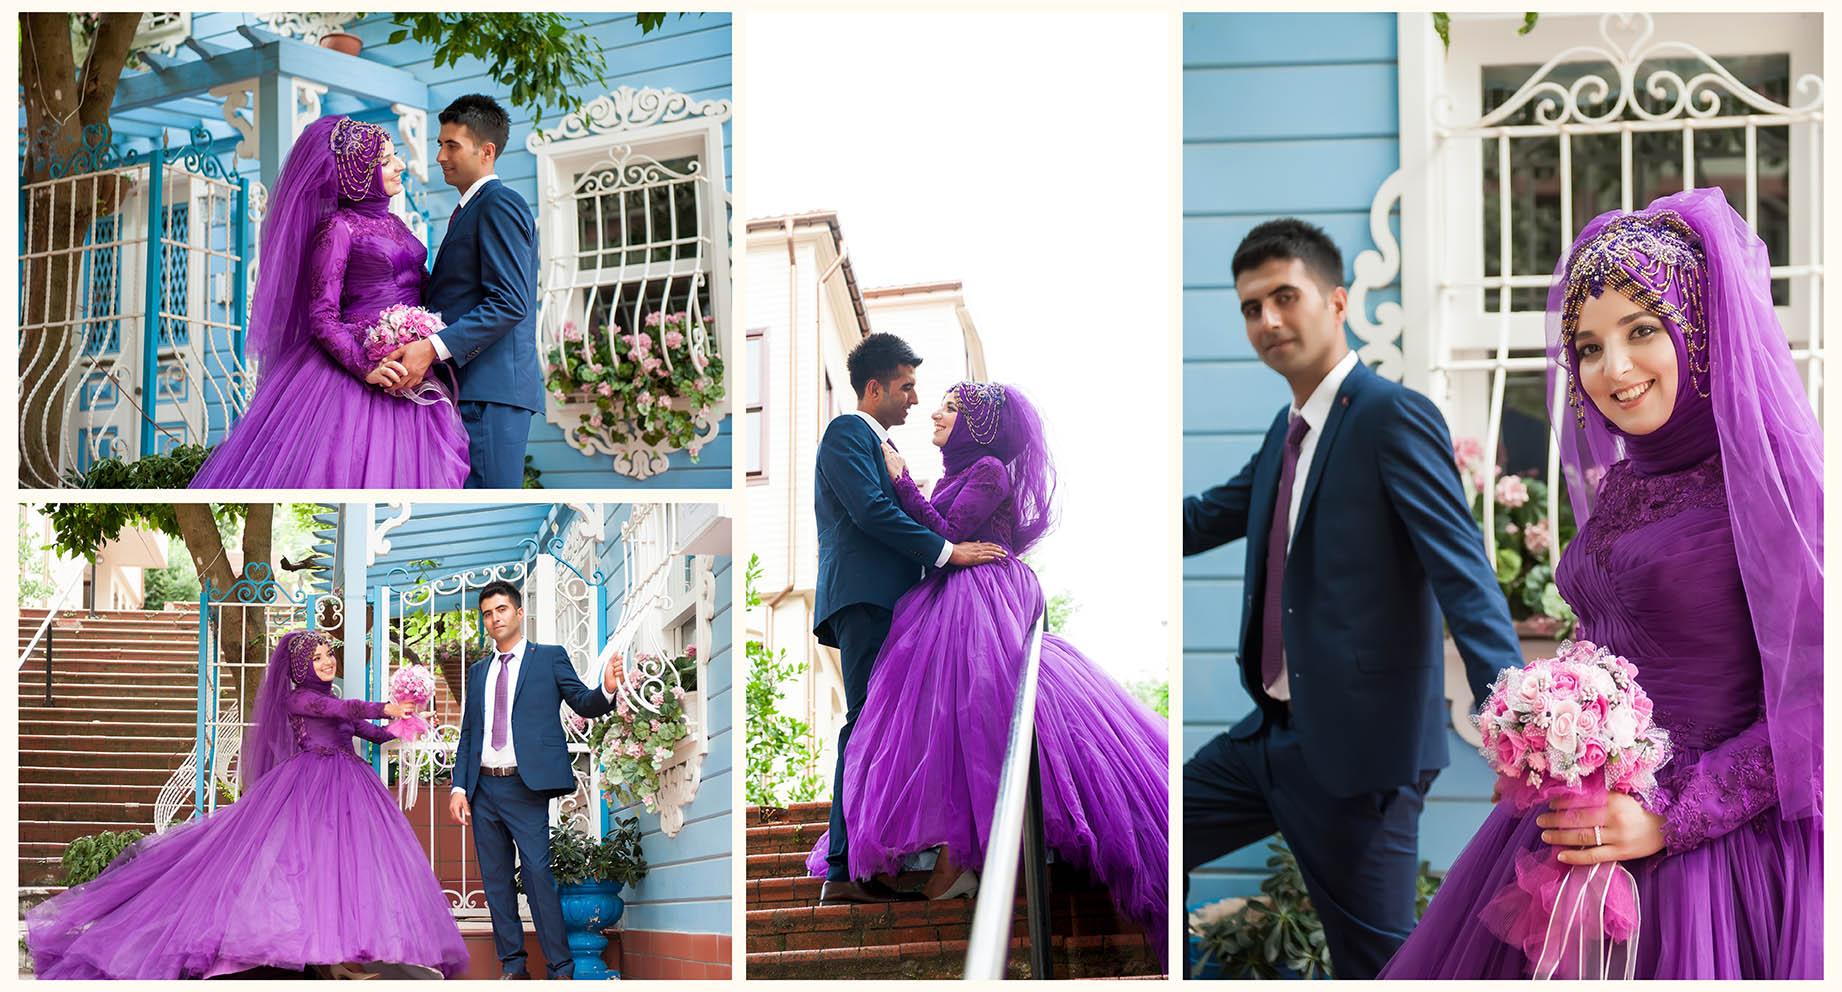 kız kulesi düğün fotoğrafları - kuzguncuk ni  an foto  raflar   - Kız Kulesi, Fethi Paşa Korusu, Kuzguncuk Boğaz Sahil Düğün Fotoğrafları Çekimi